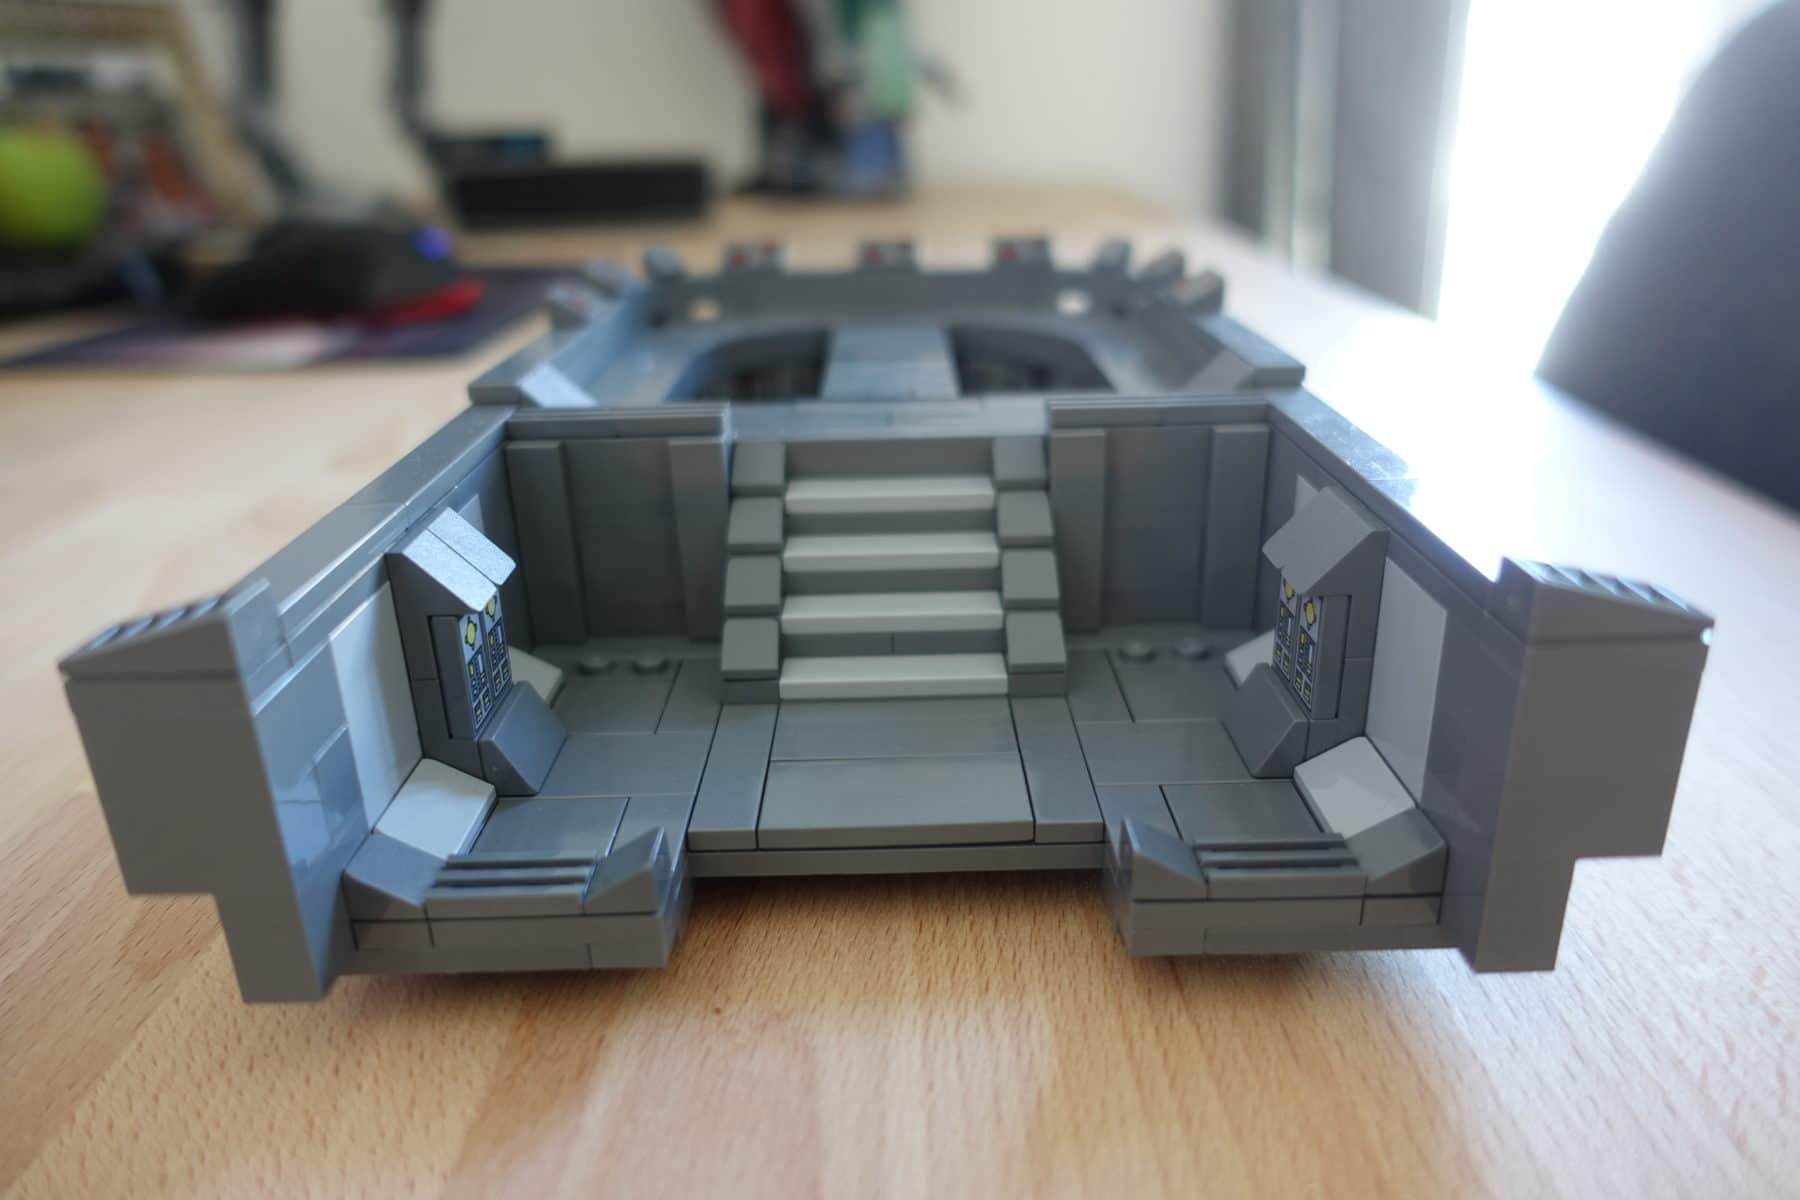 Treppenaufgang zur Brücke des LEGO MOC Imperial Star Destroyers